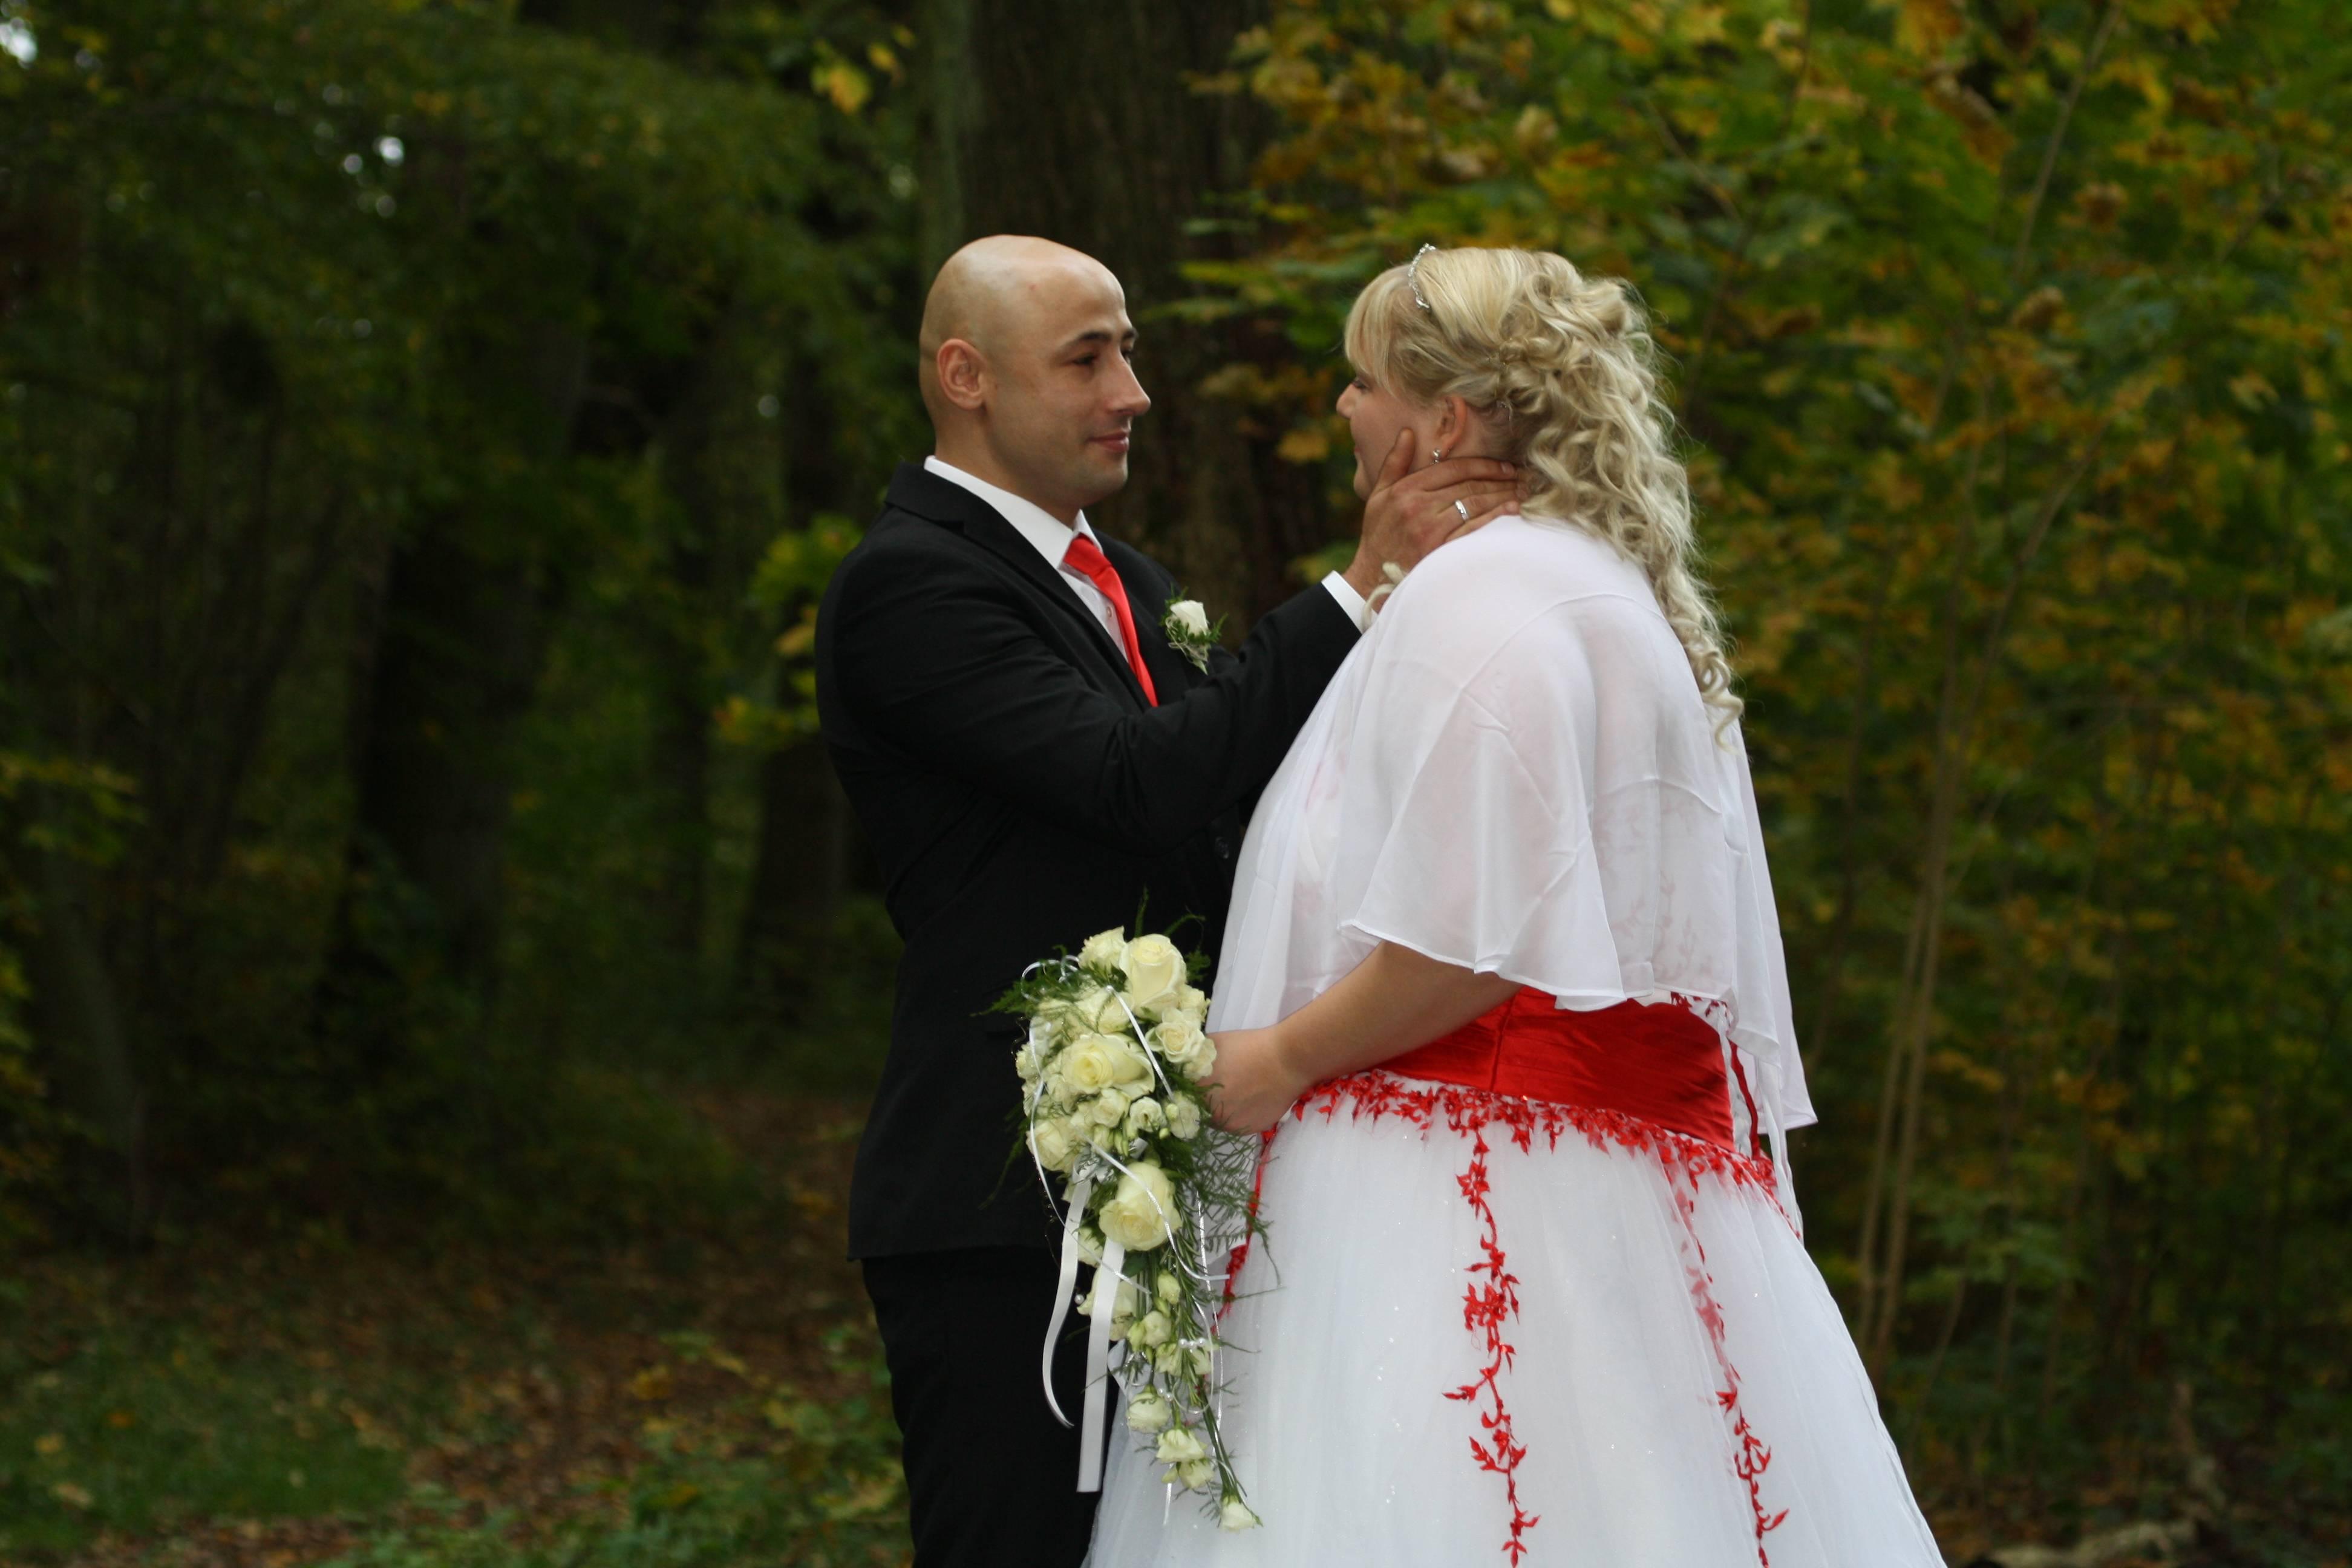 Ja, wir sind jetzt Mann und Frau